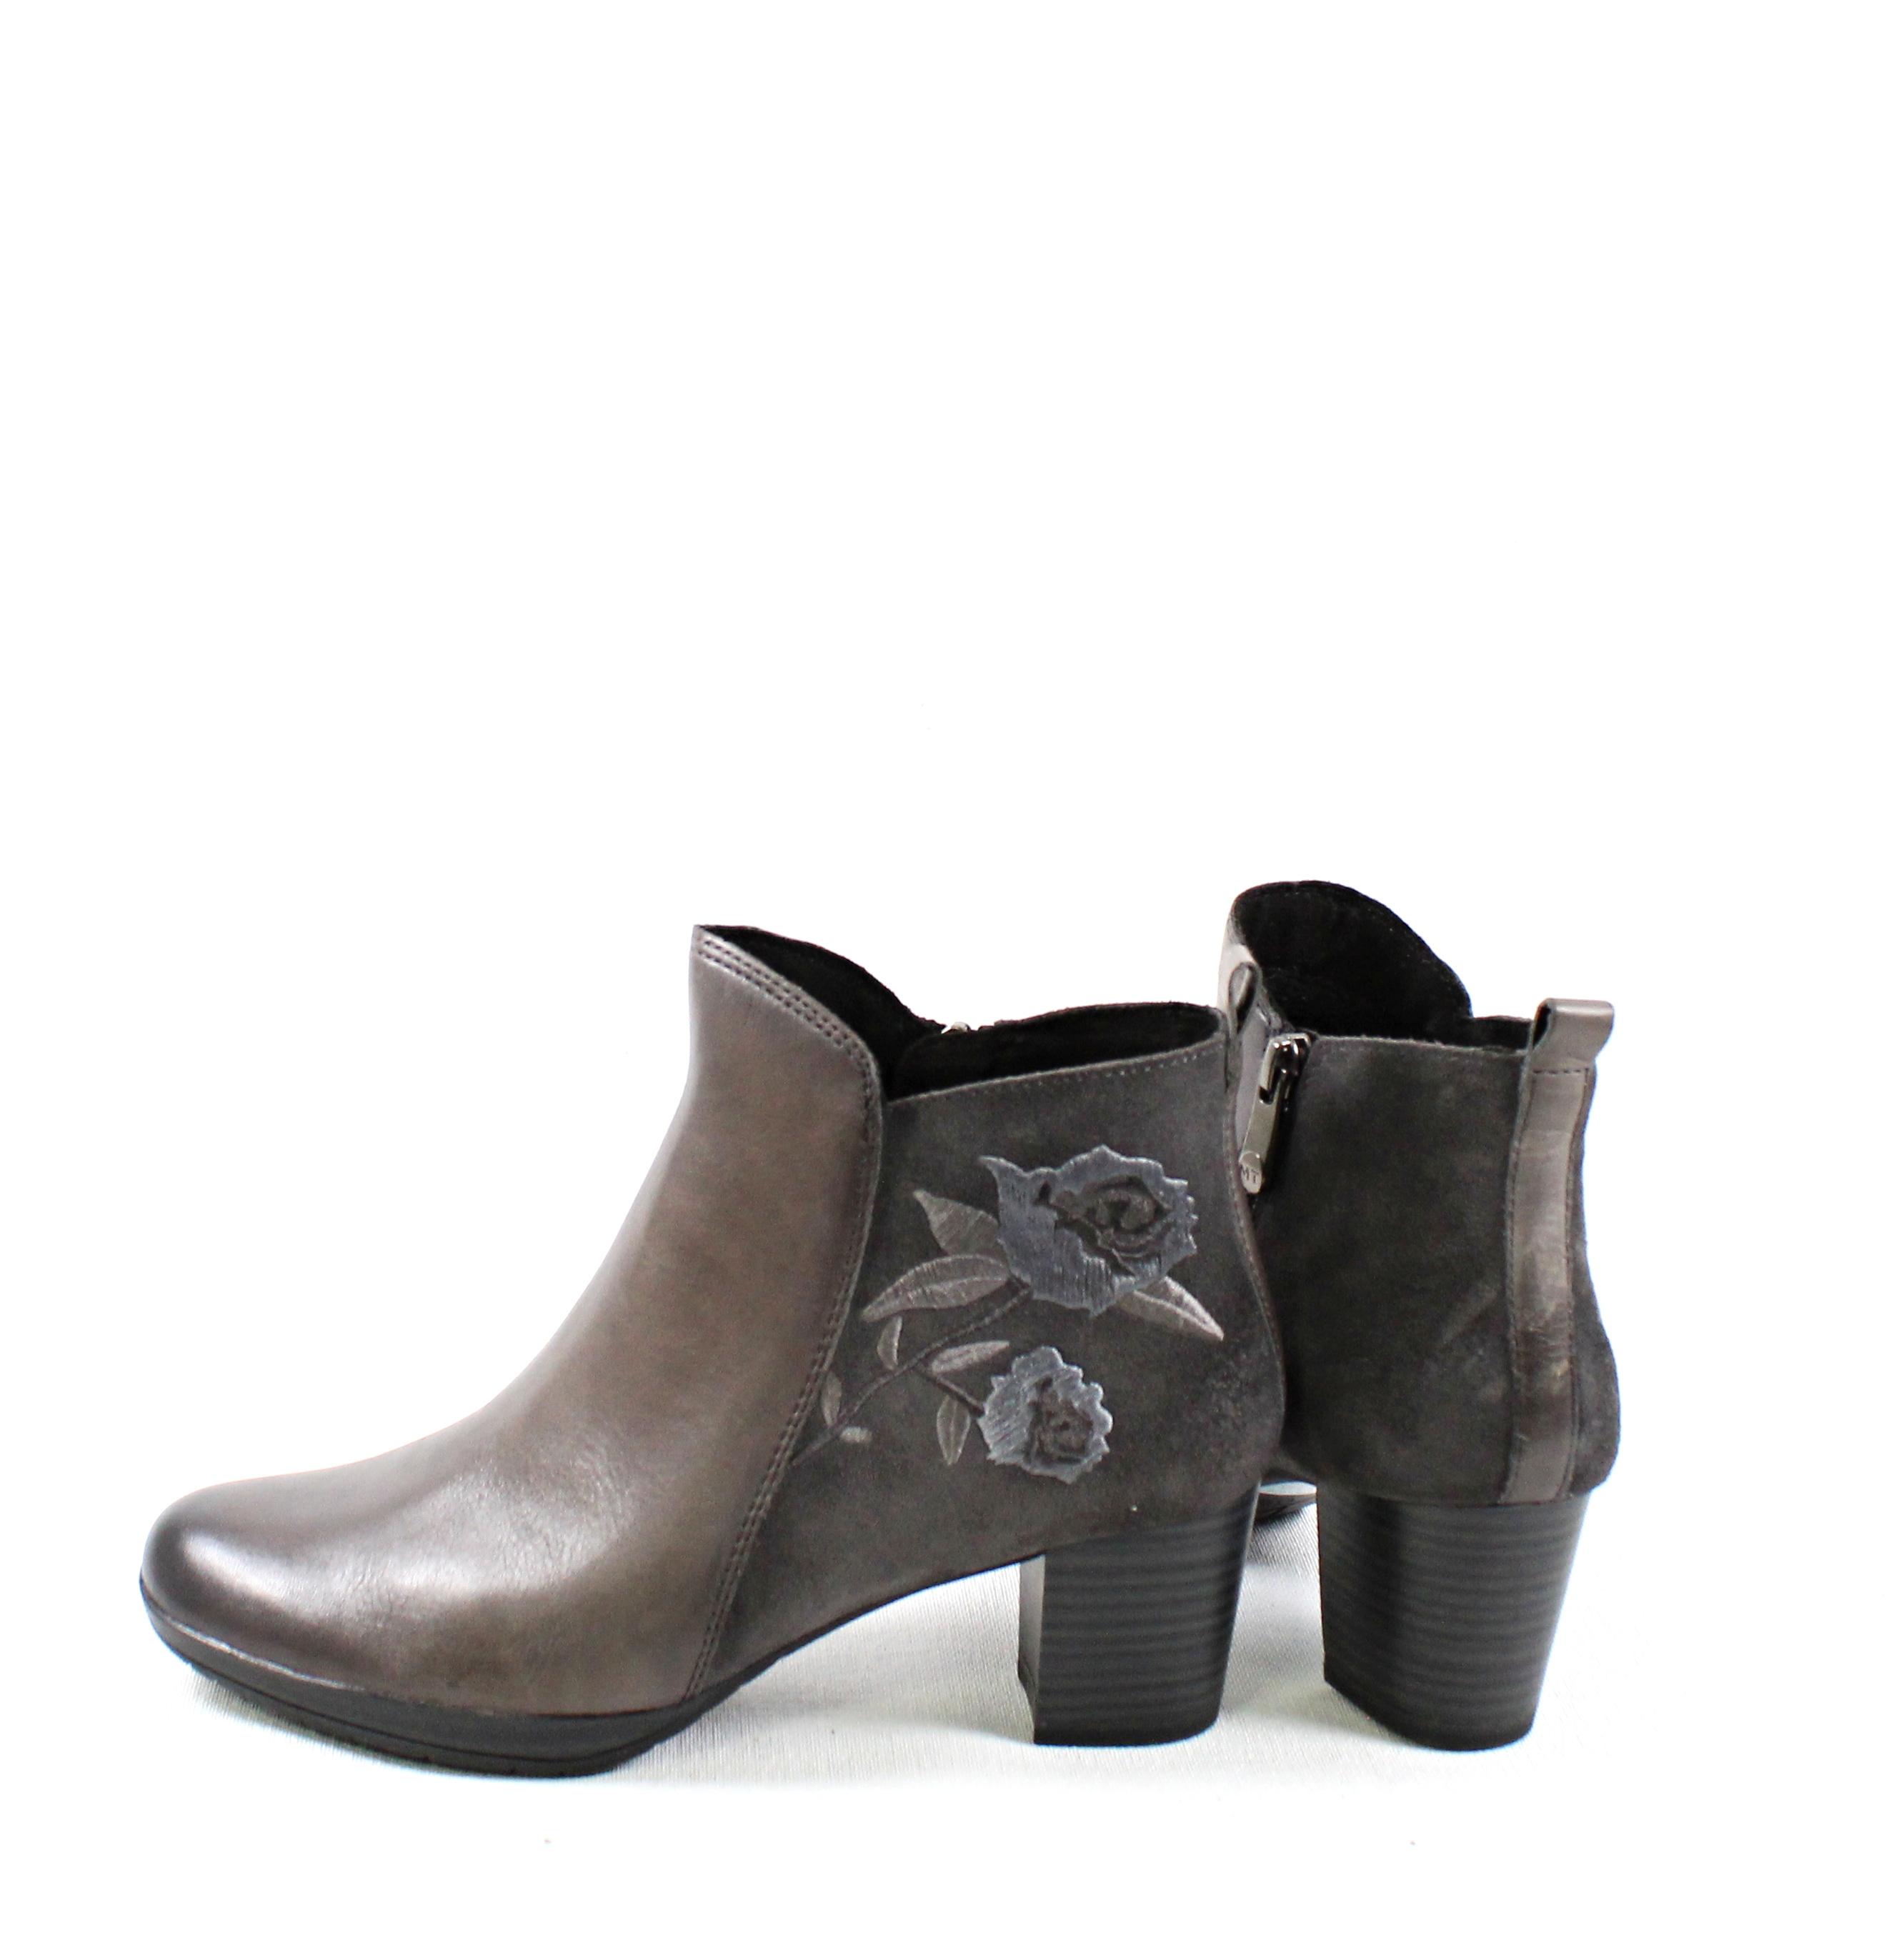 bd0742aa81ca Dámske členkové čižmy MARCO TOZZI 2-25319-21 DK GREY – Topánky ...